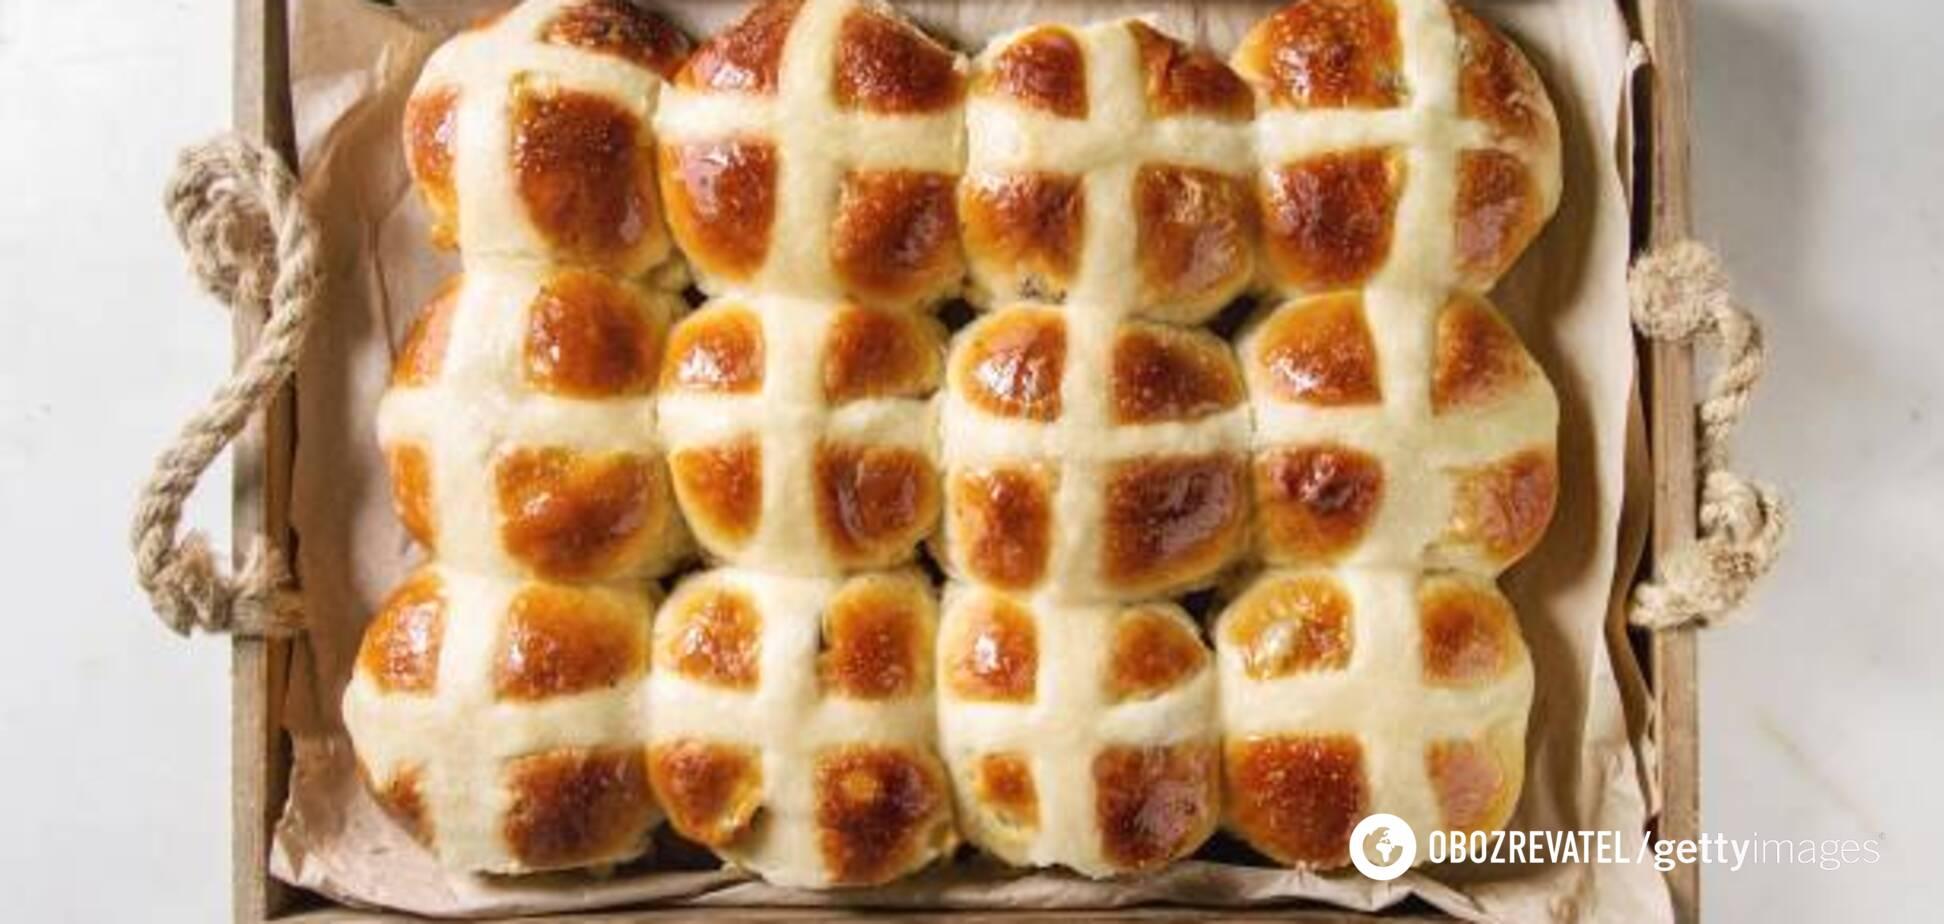 Англійські булочки з малюнком: рецепт від відомого фуд-блогера